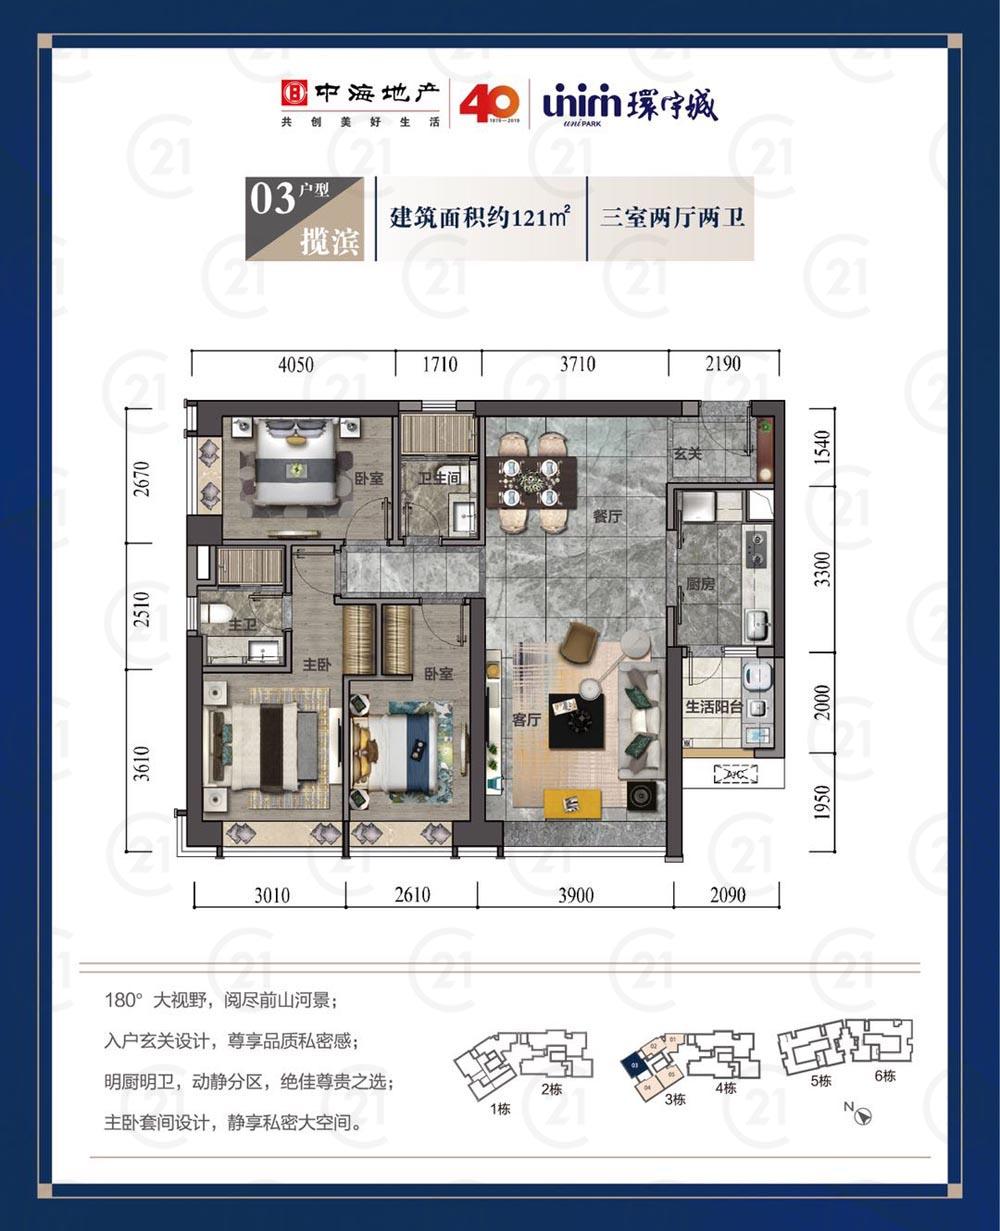 5中海环宇城-微信图片_20190603160554